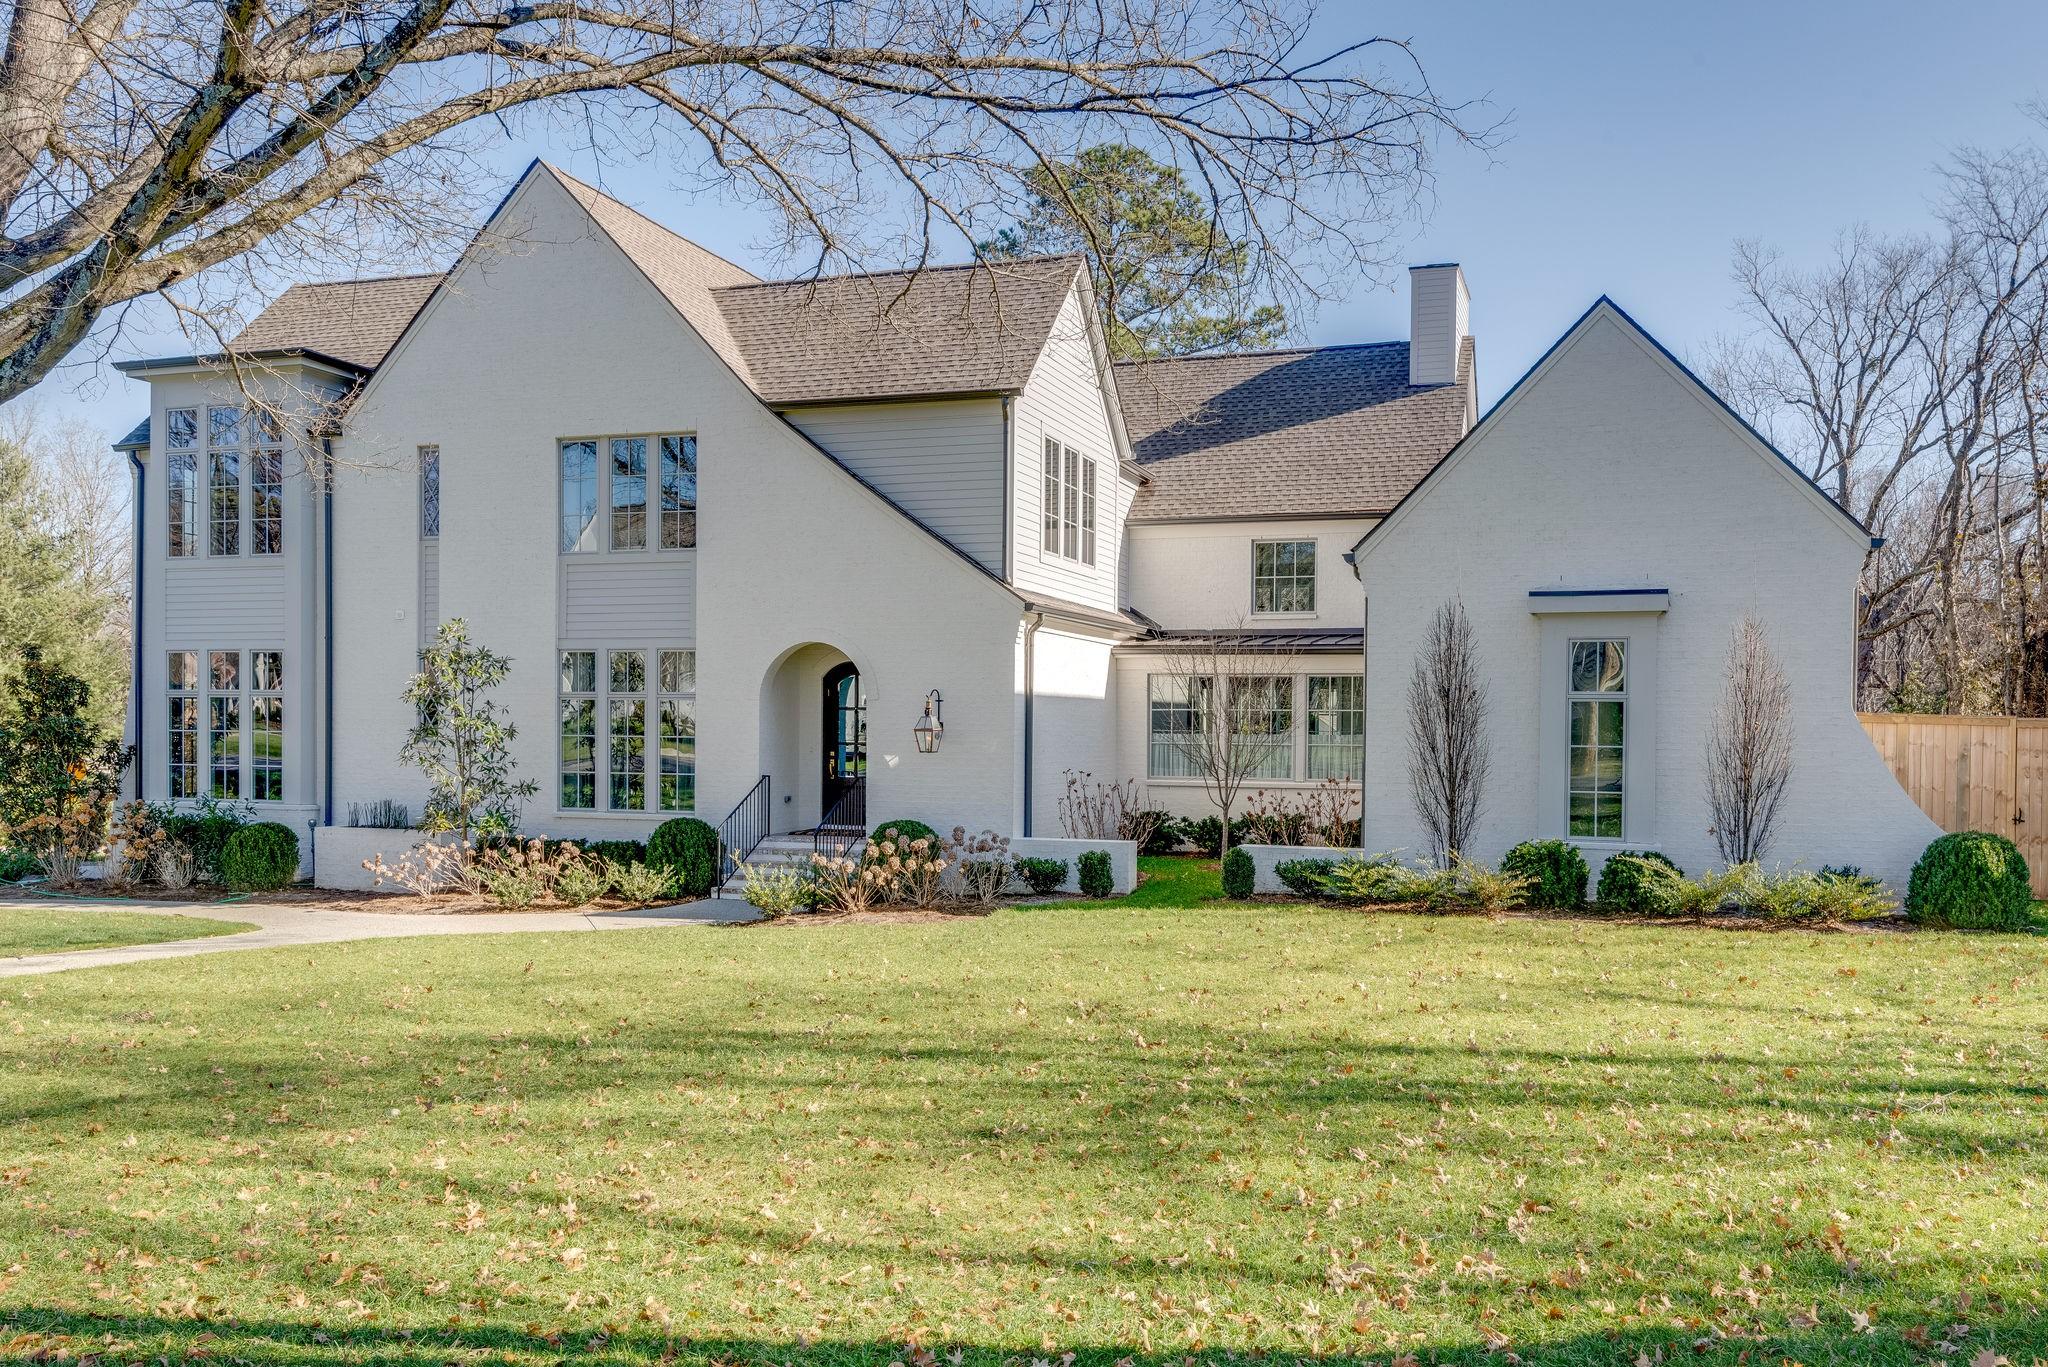 $2,325,000 - 5Br/6Ba -  for Sale in Green Hills, Nashville